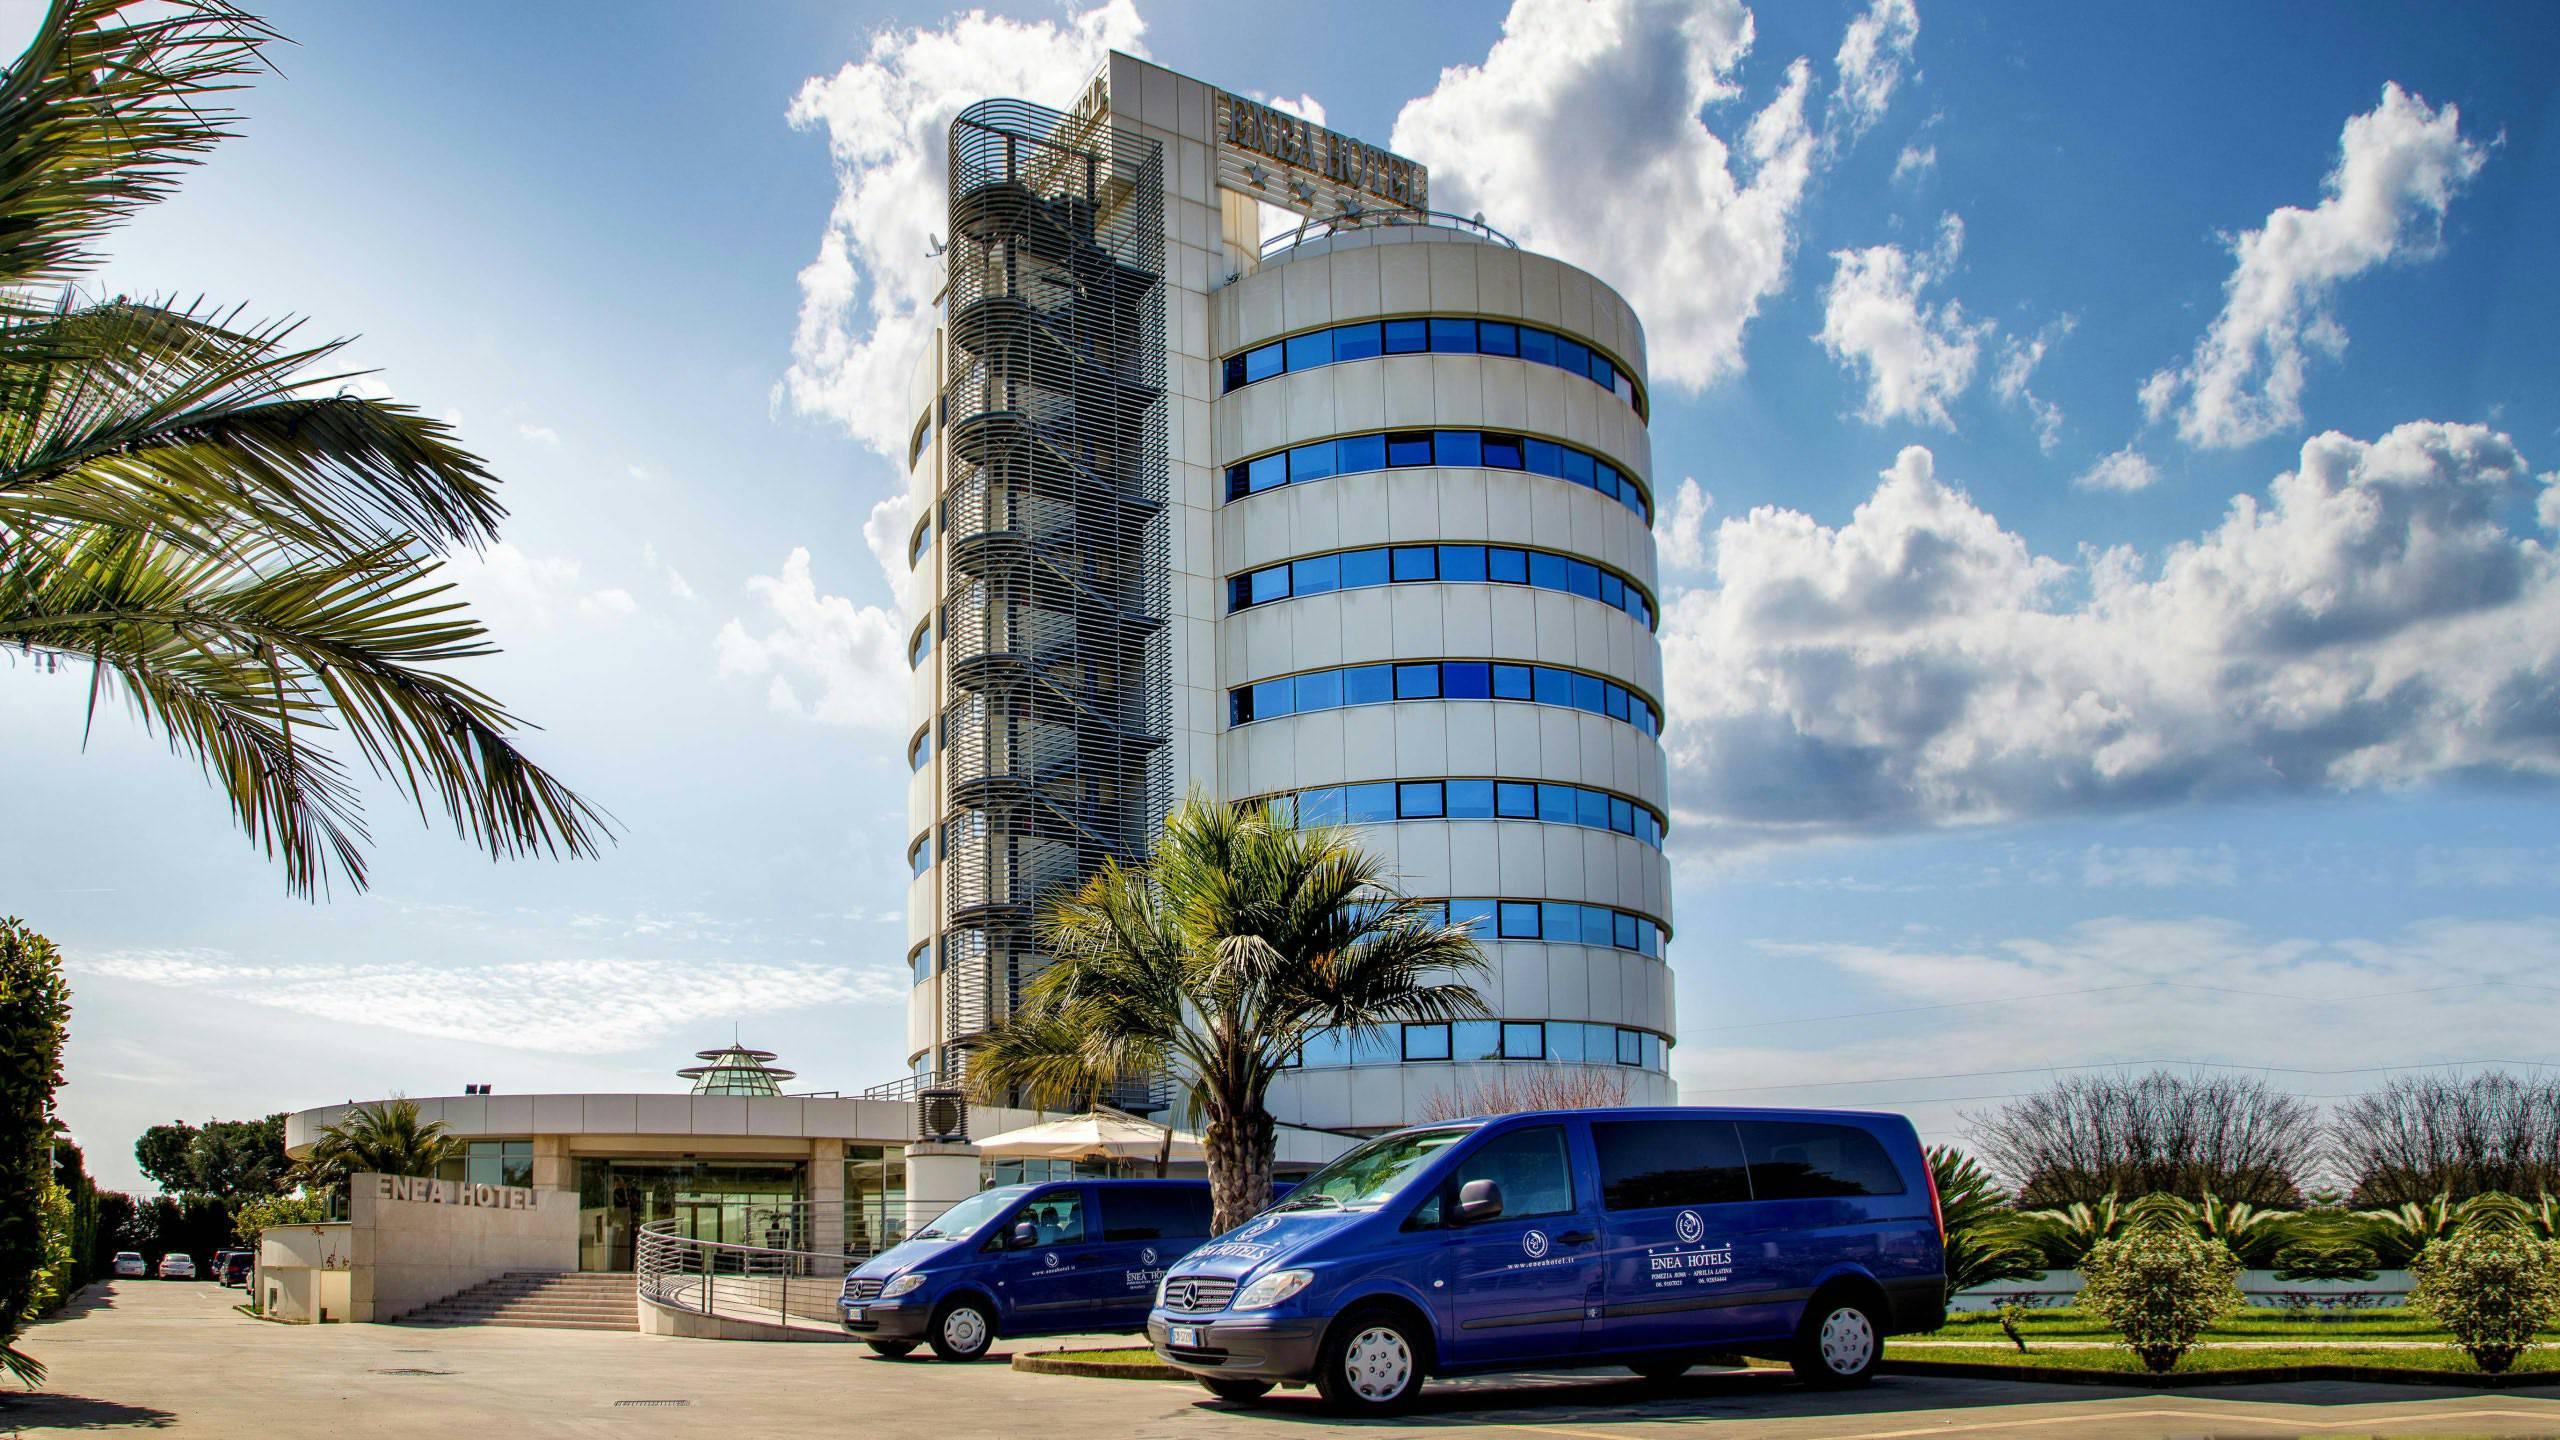 hotel-enea-aprilia-esterno-01